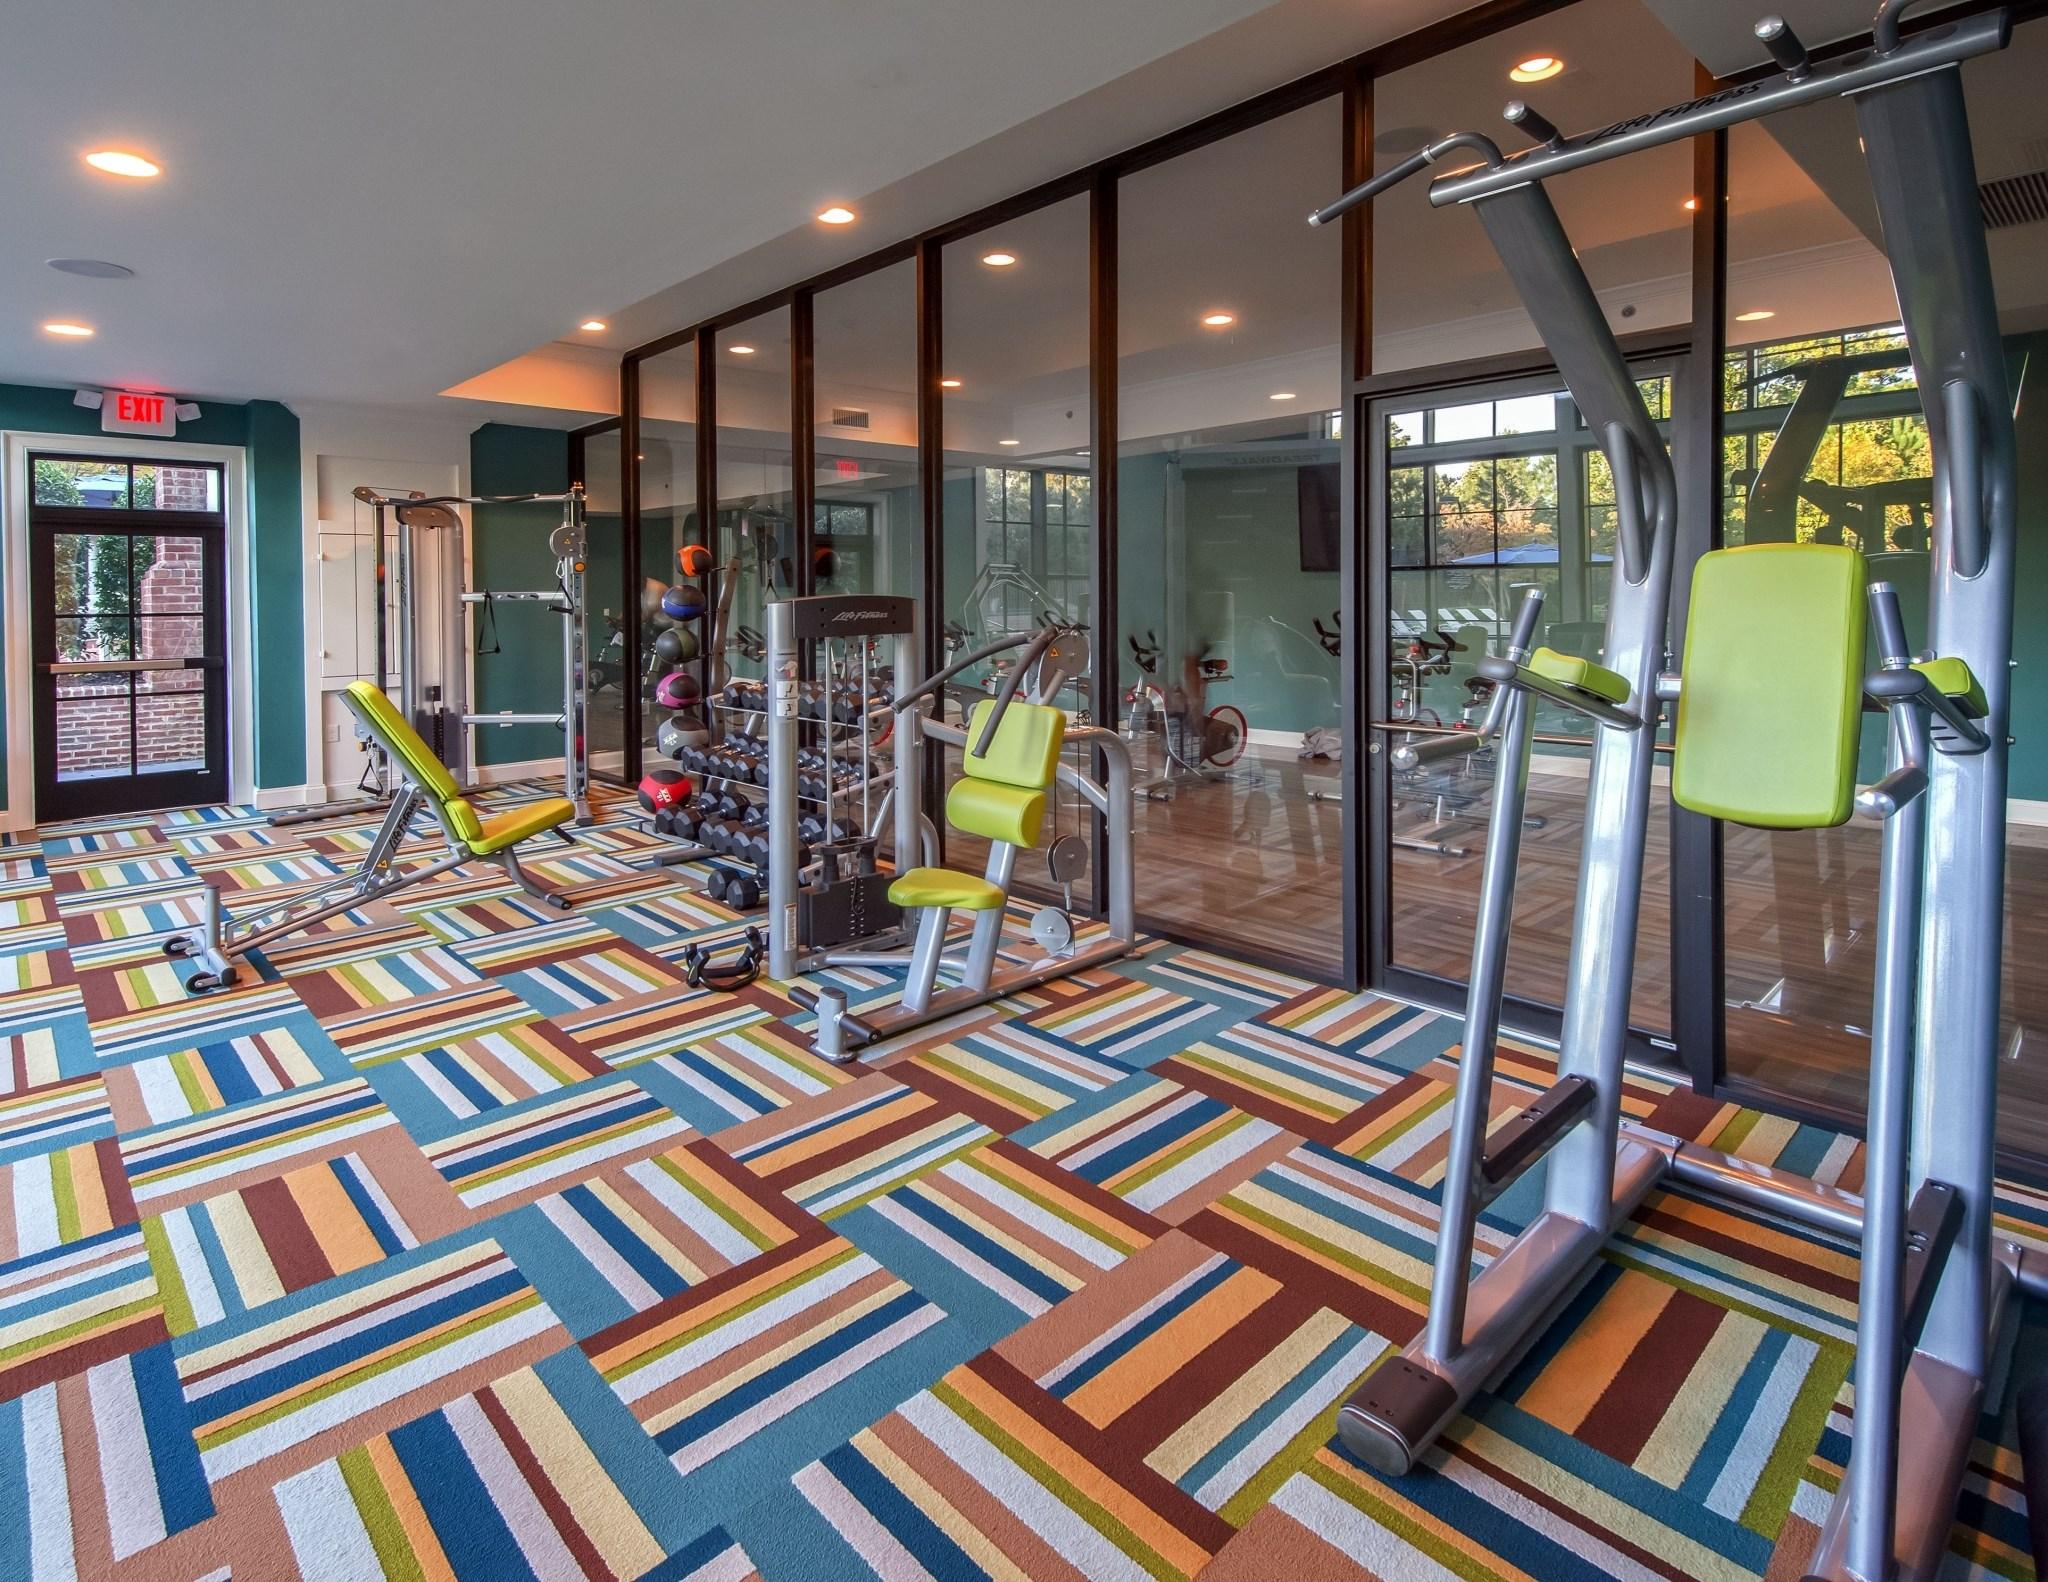 2 Bedroom Apartment To Rent In Atlanta Two Bedroom Apartment 2BHK Flats Ren